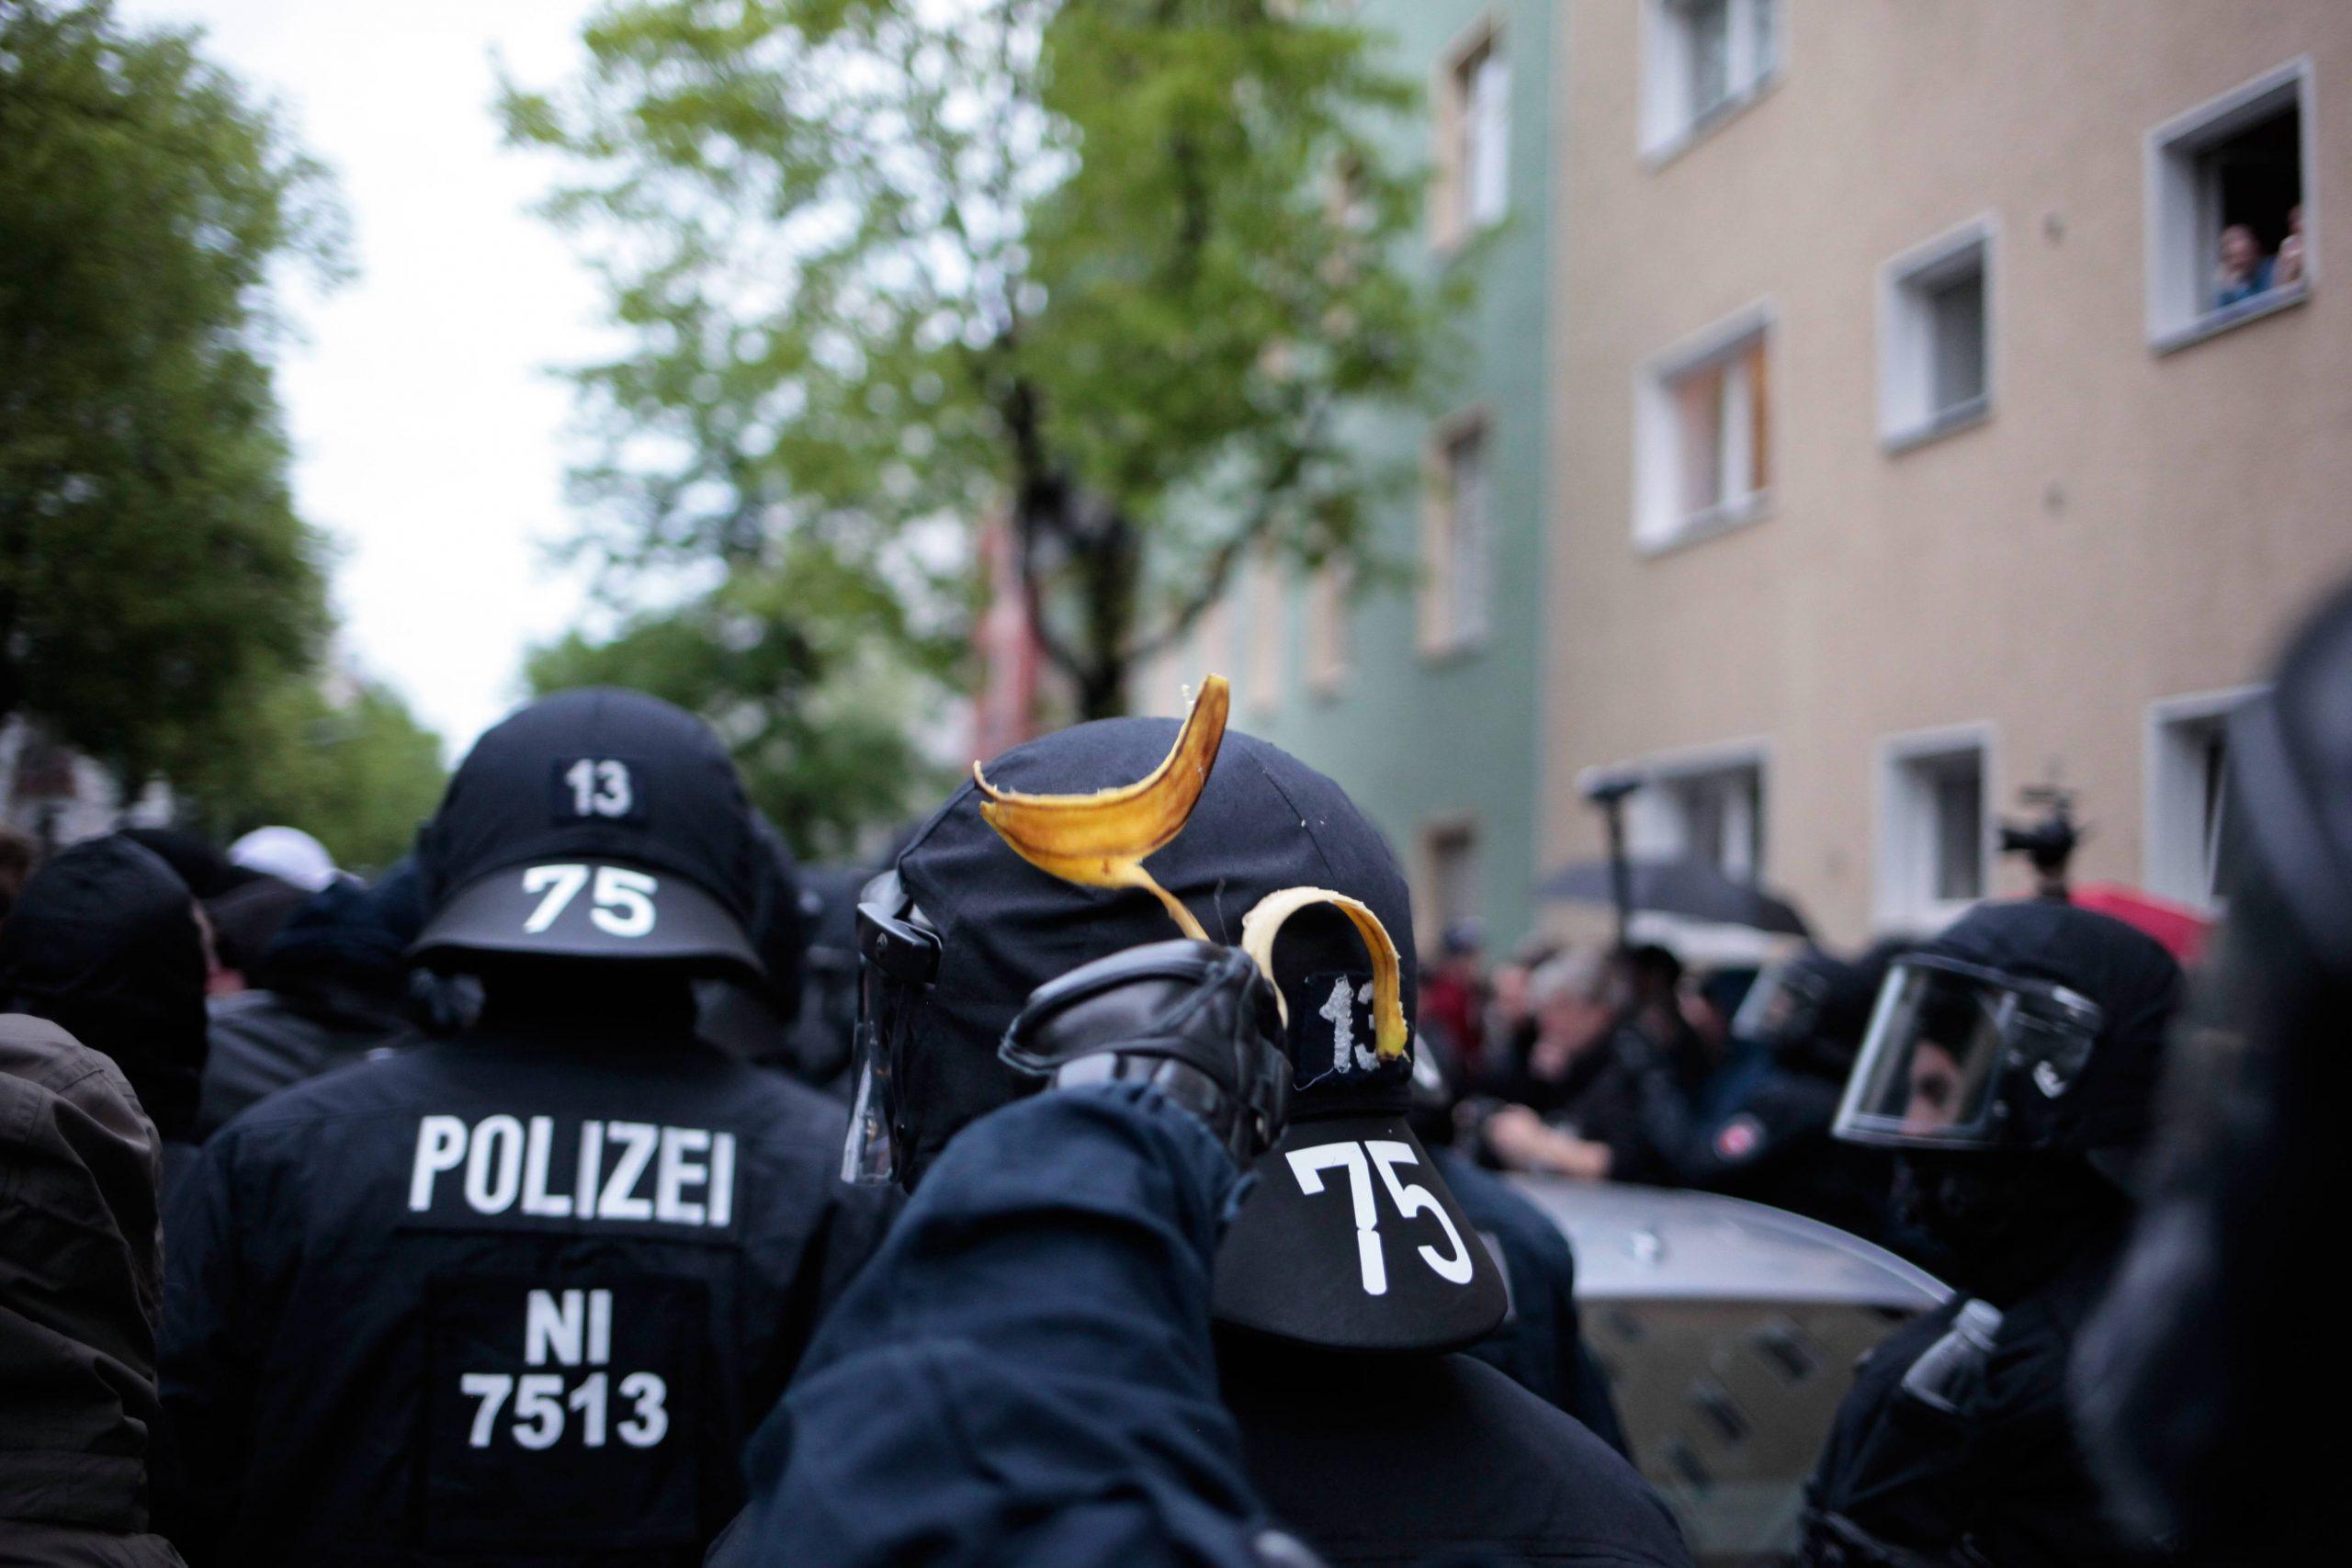 Auf dem Helm eines Bullen wurde eine Bananenschale geworfen, die von einem anderen Cop abgenommen wird.